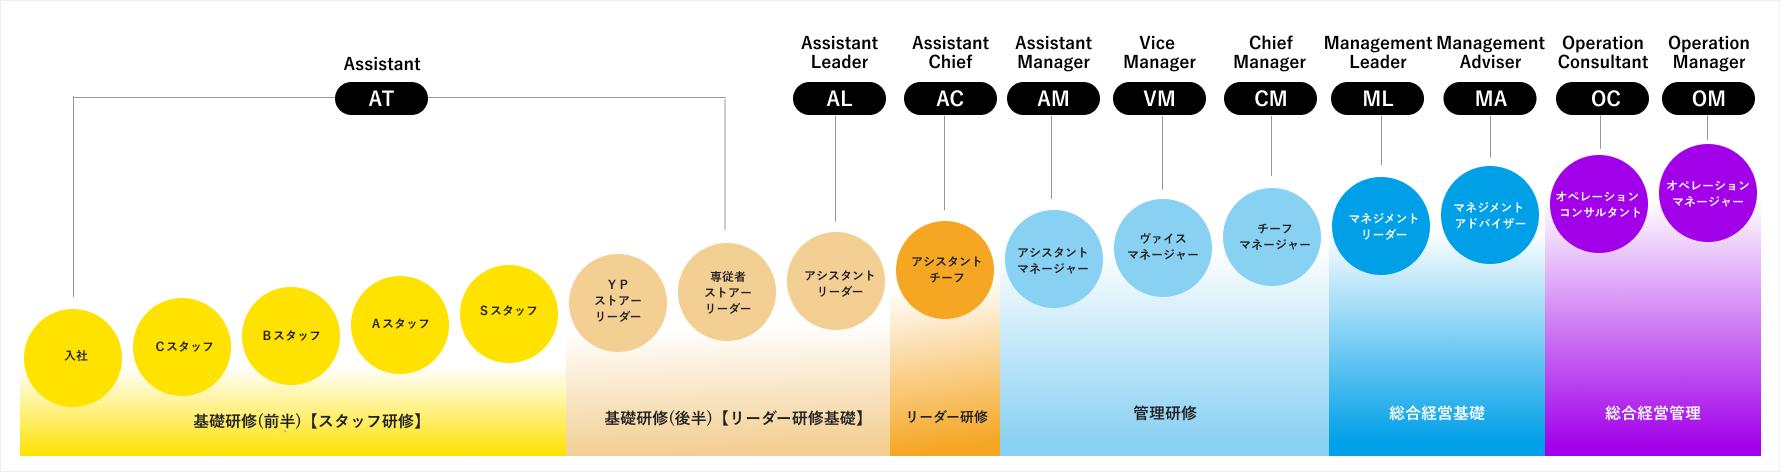 16段階の評価制度